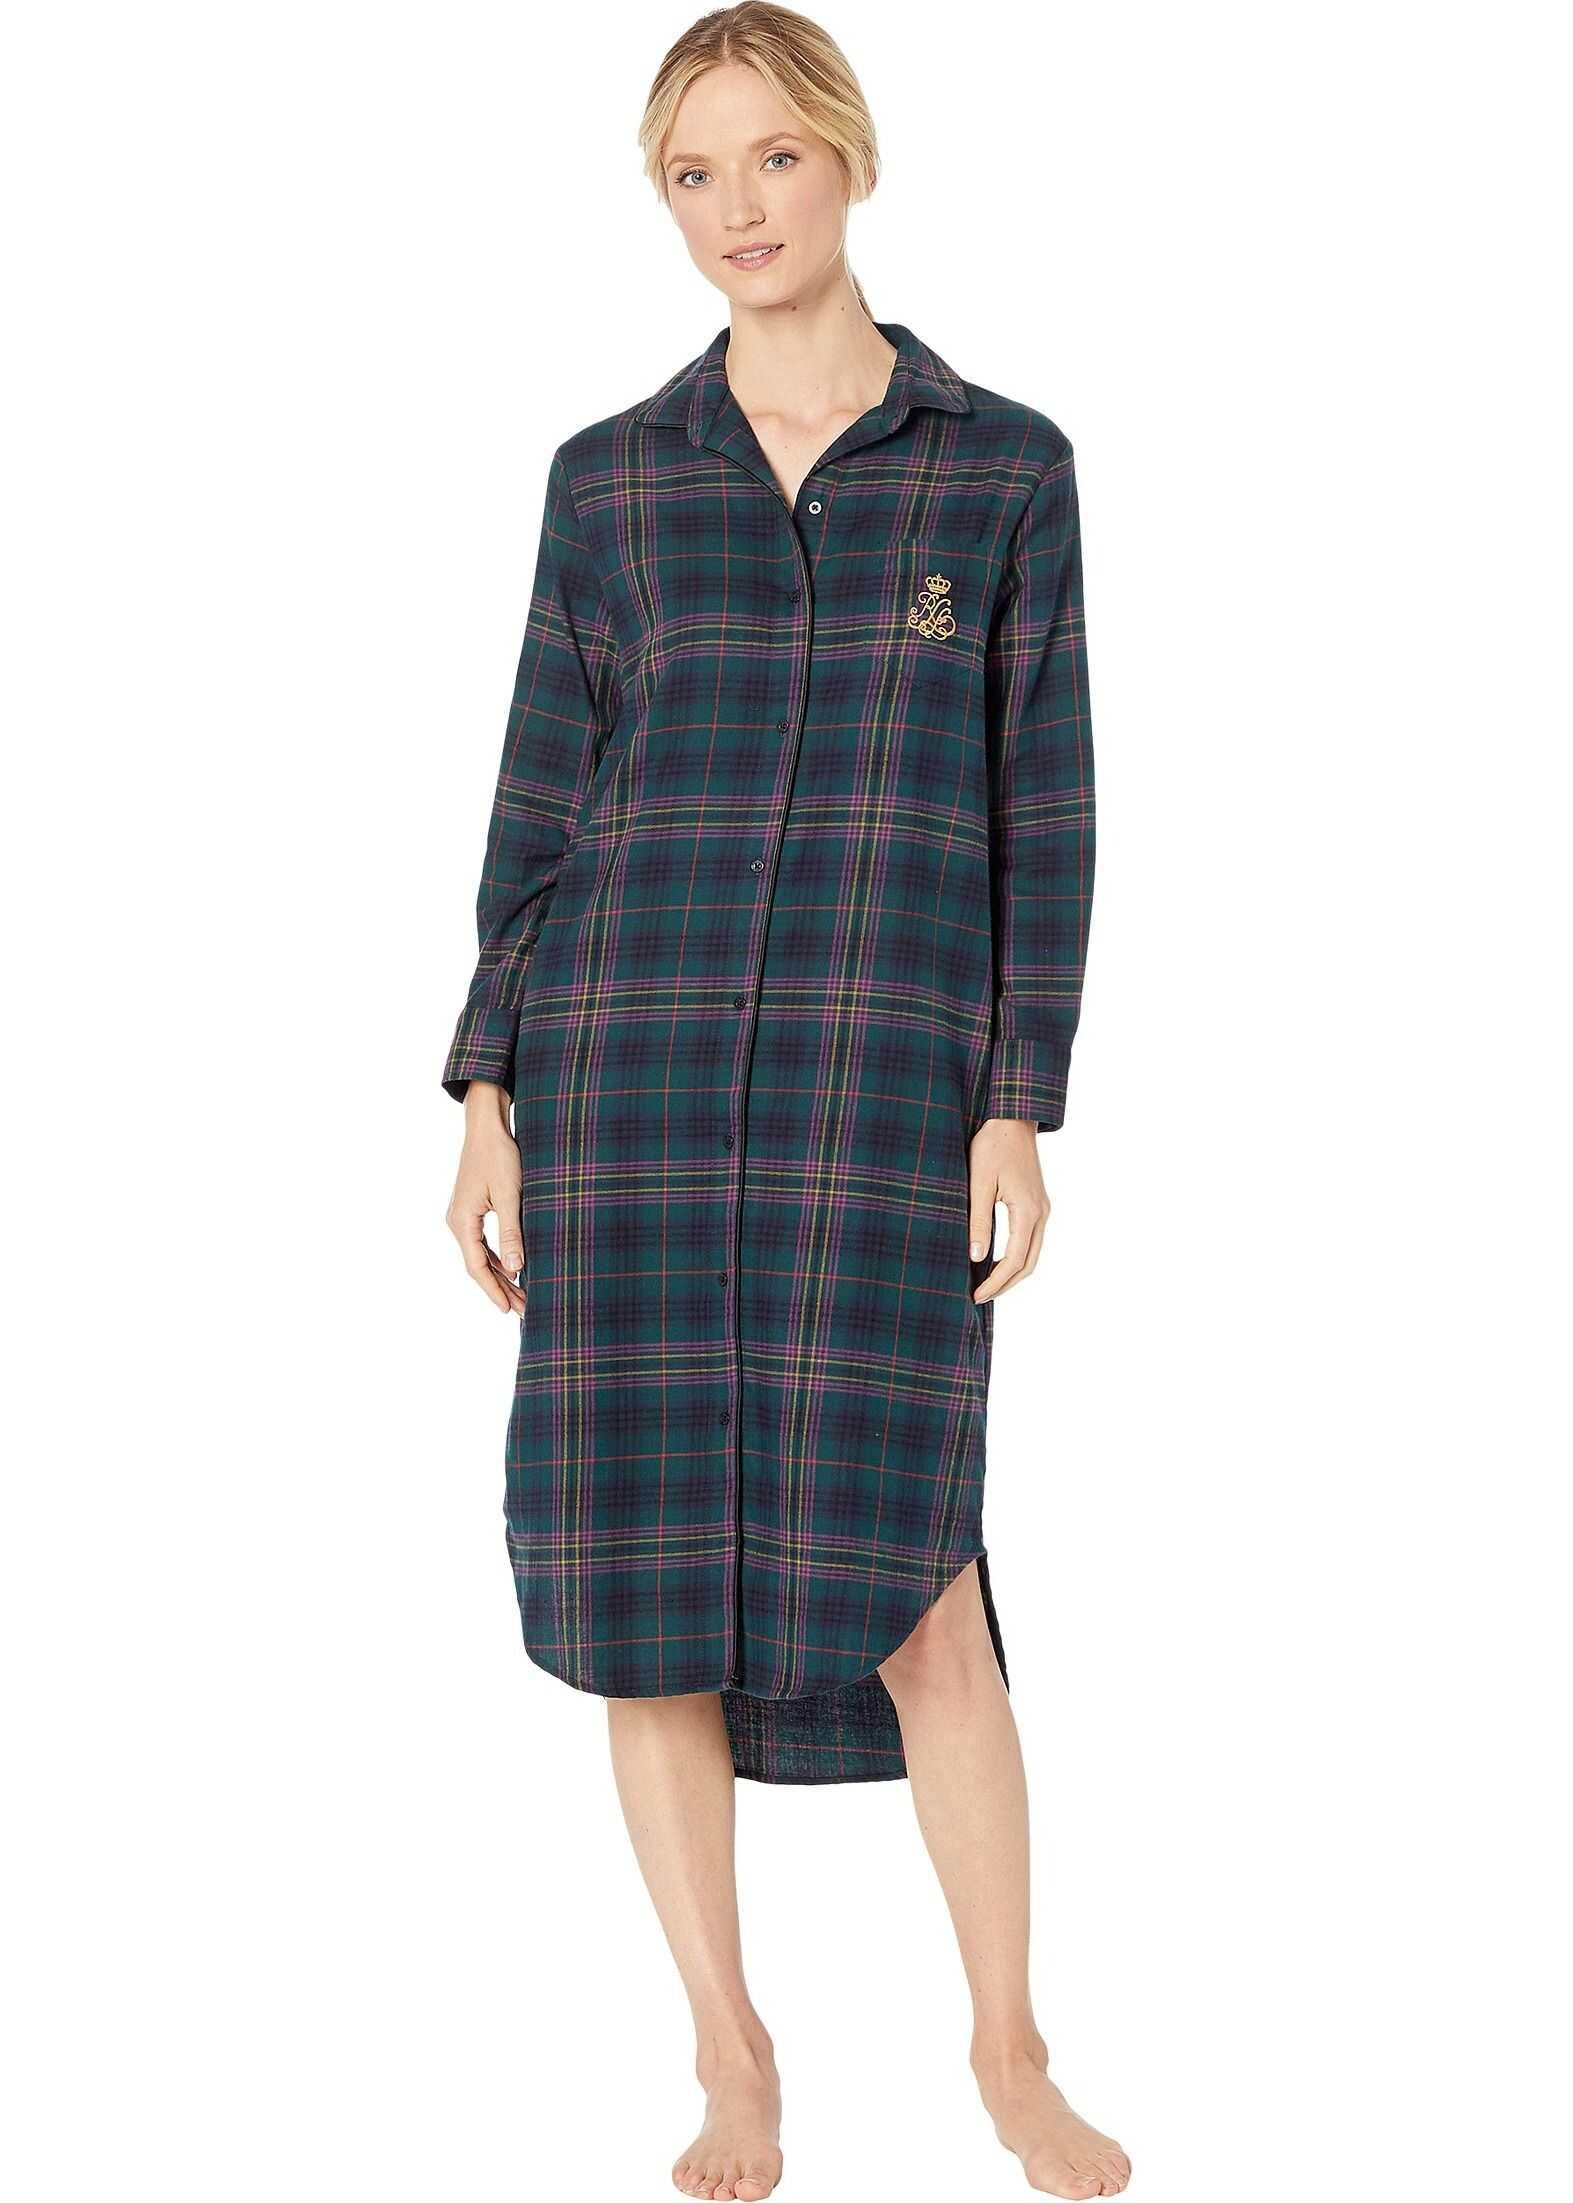 Ralph Lauren Brushed Twill Long Sleeve Rounded Notch Collar Ballet Sleepshirt Green Plaid